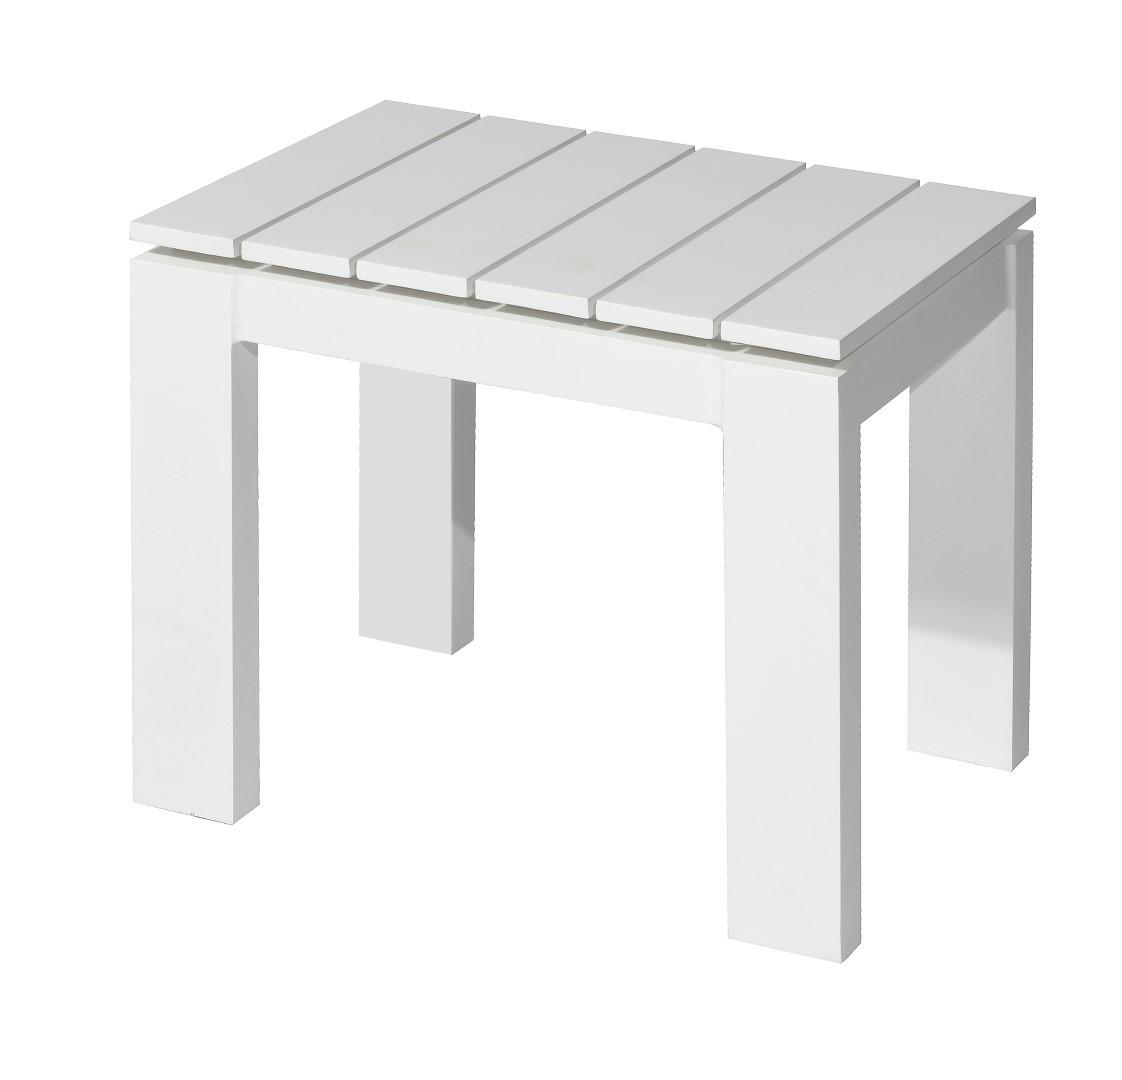 Morris side table 50x40 cm alu white